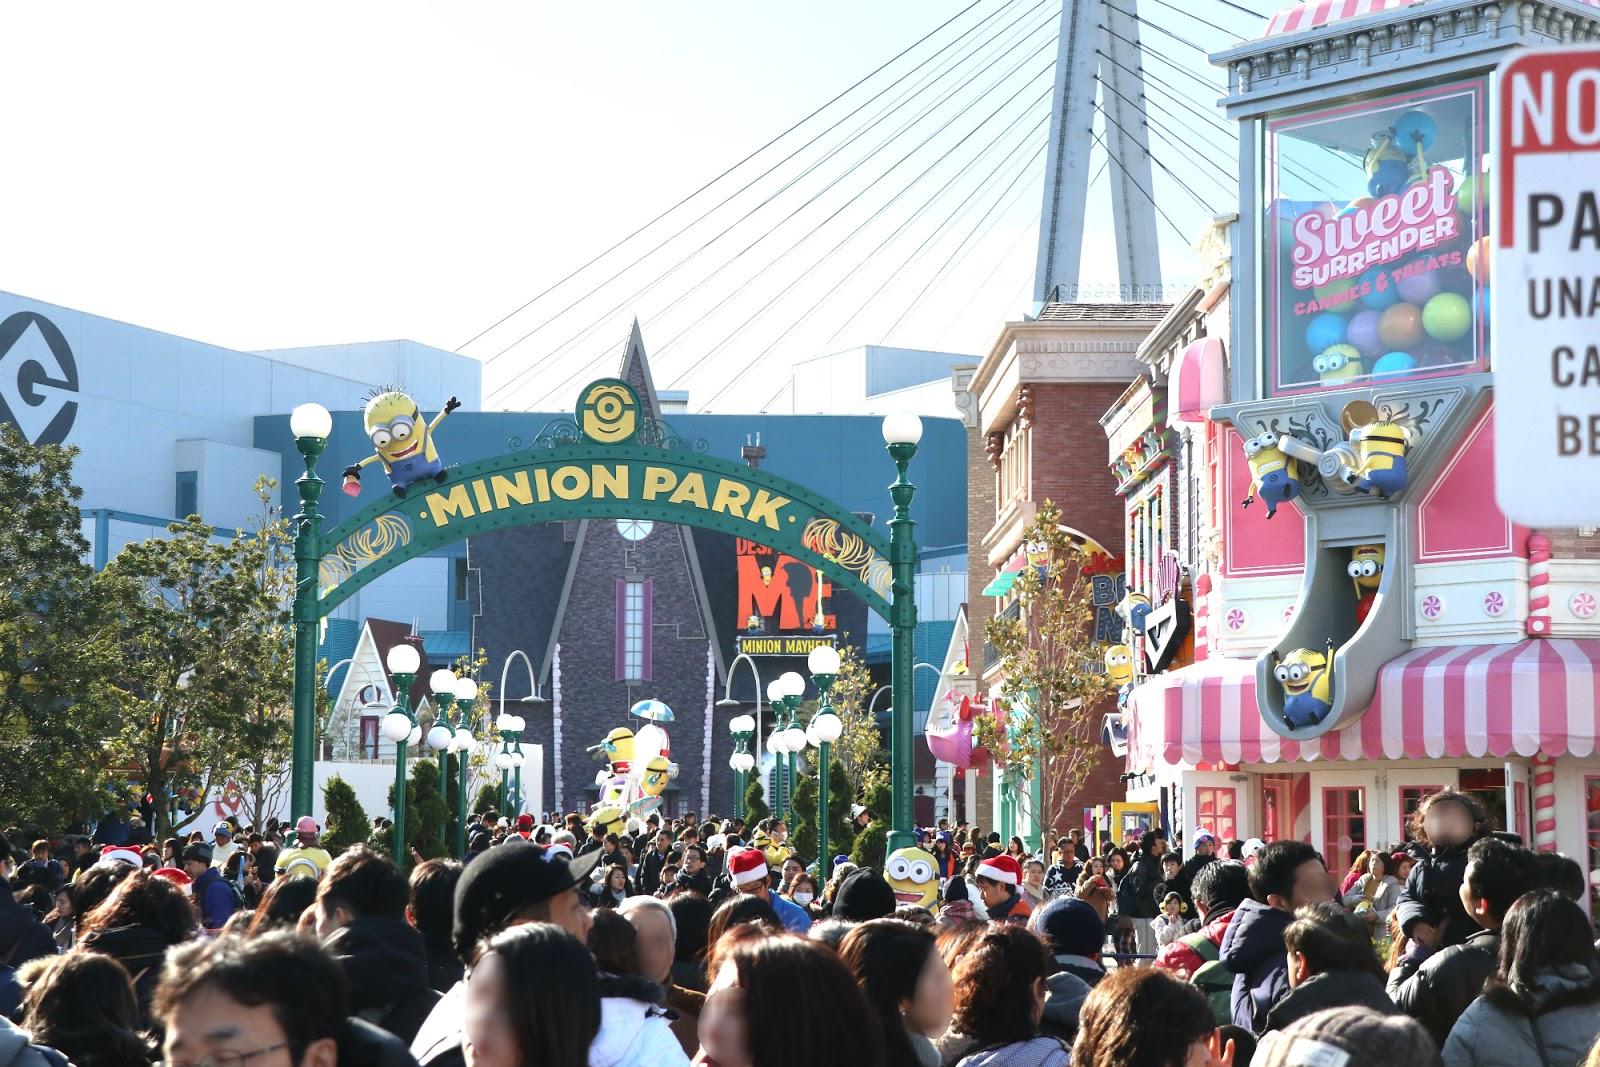 【玩吧】日本環球影城「小小兵樂園」玩樂攻略,去小小兵樂園就看這一篇!|旅遊與他們的產地 - colatour可樂 ...